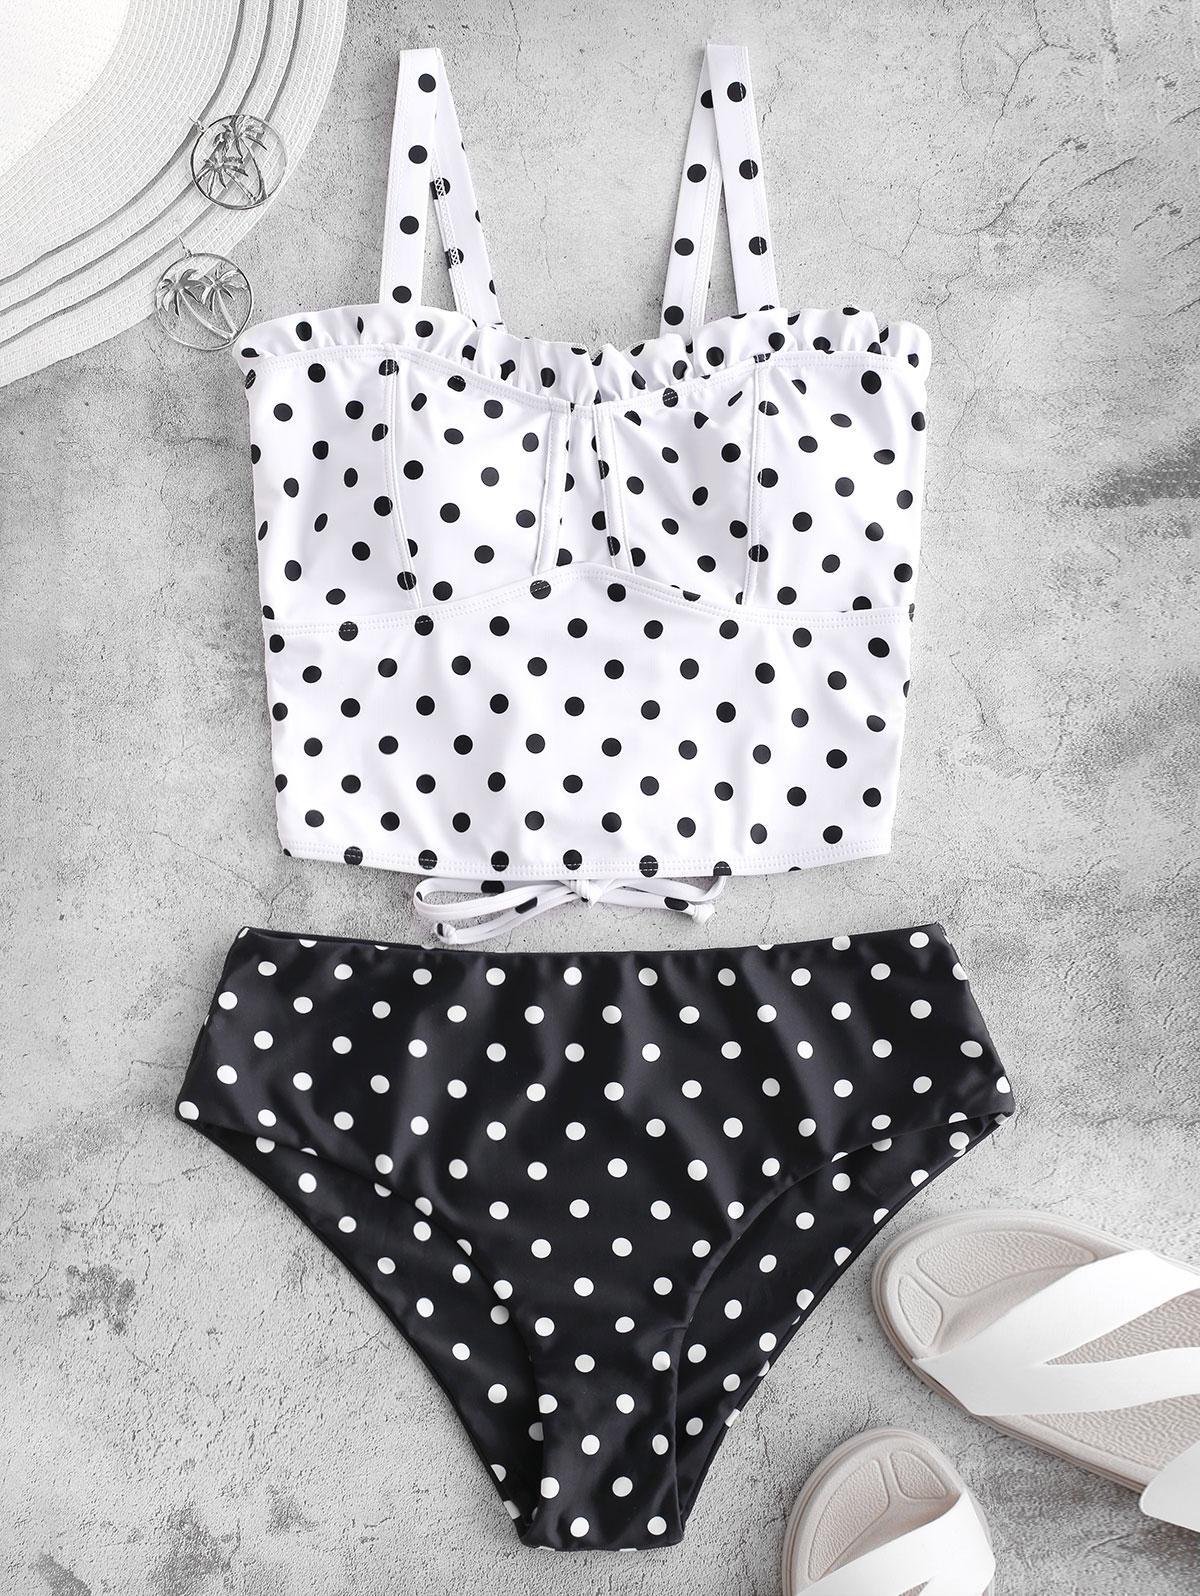 ZAFUL Polka Dot Ruffle Lace Up Tankini Swimsuit, Multi-a